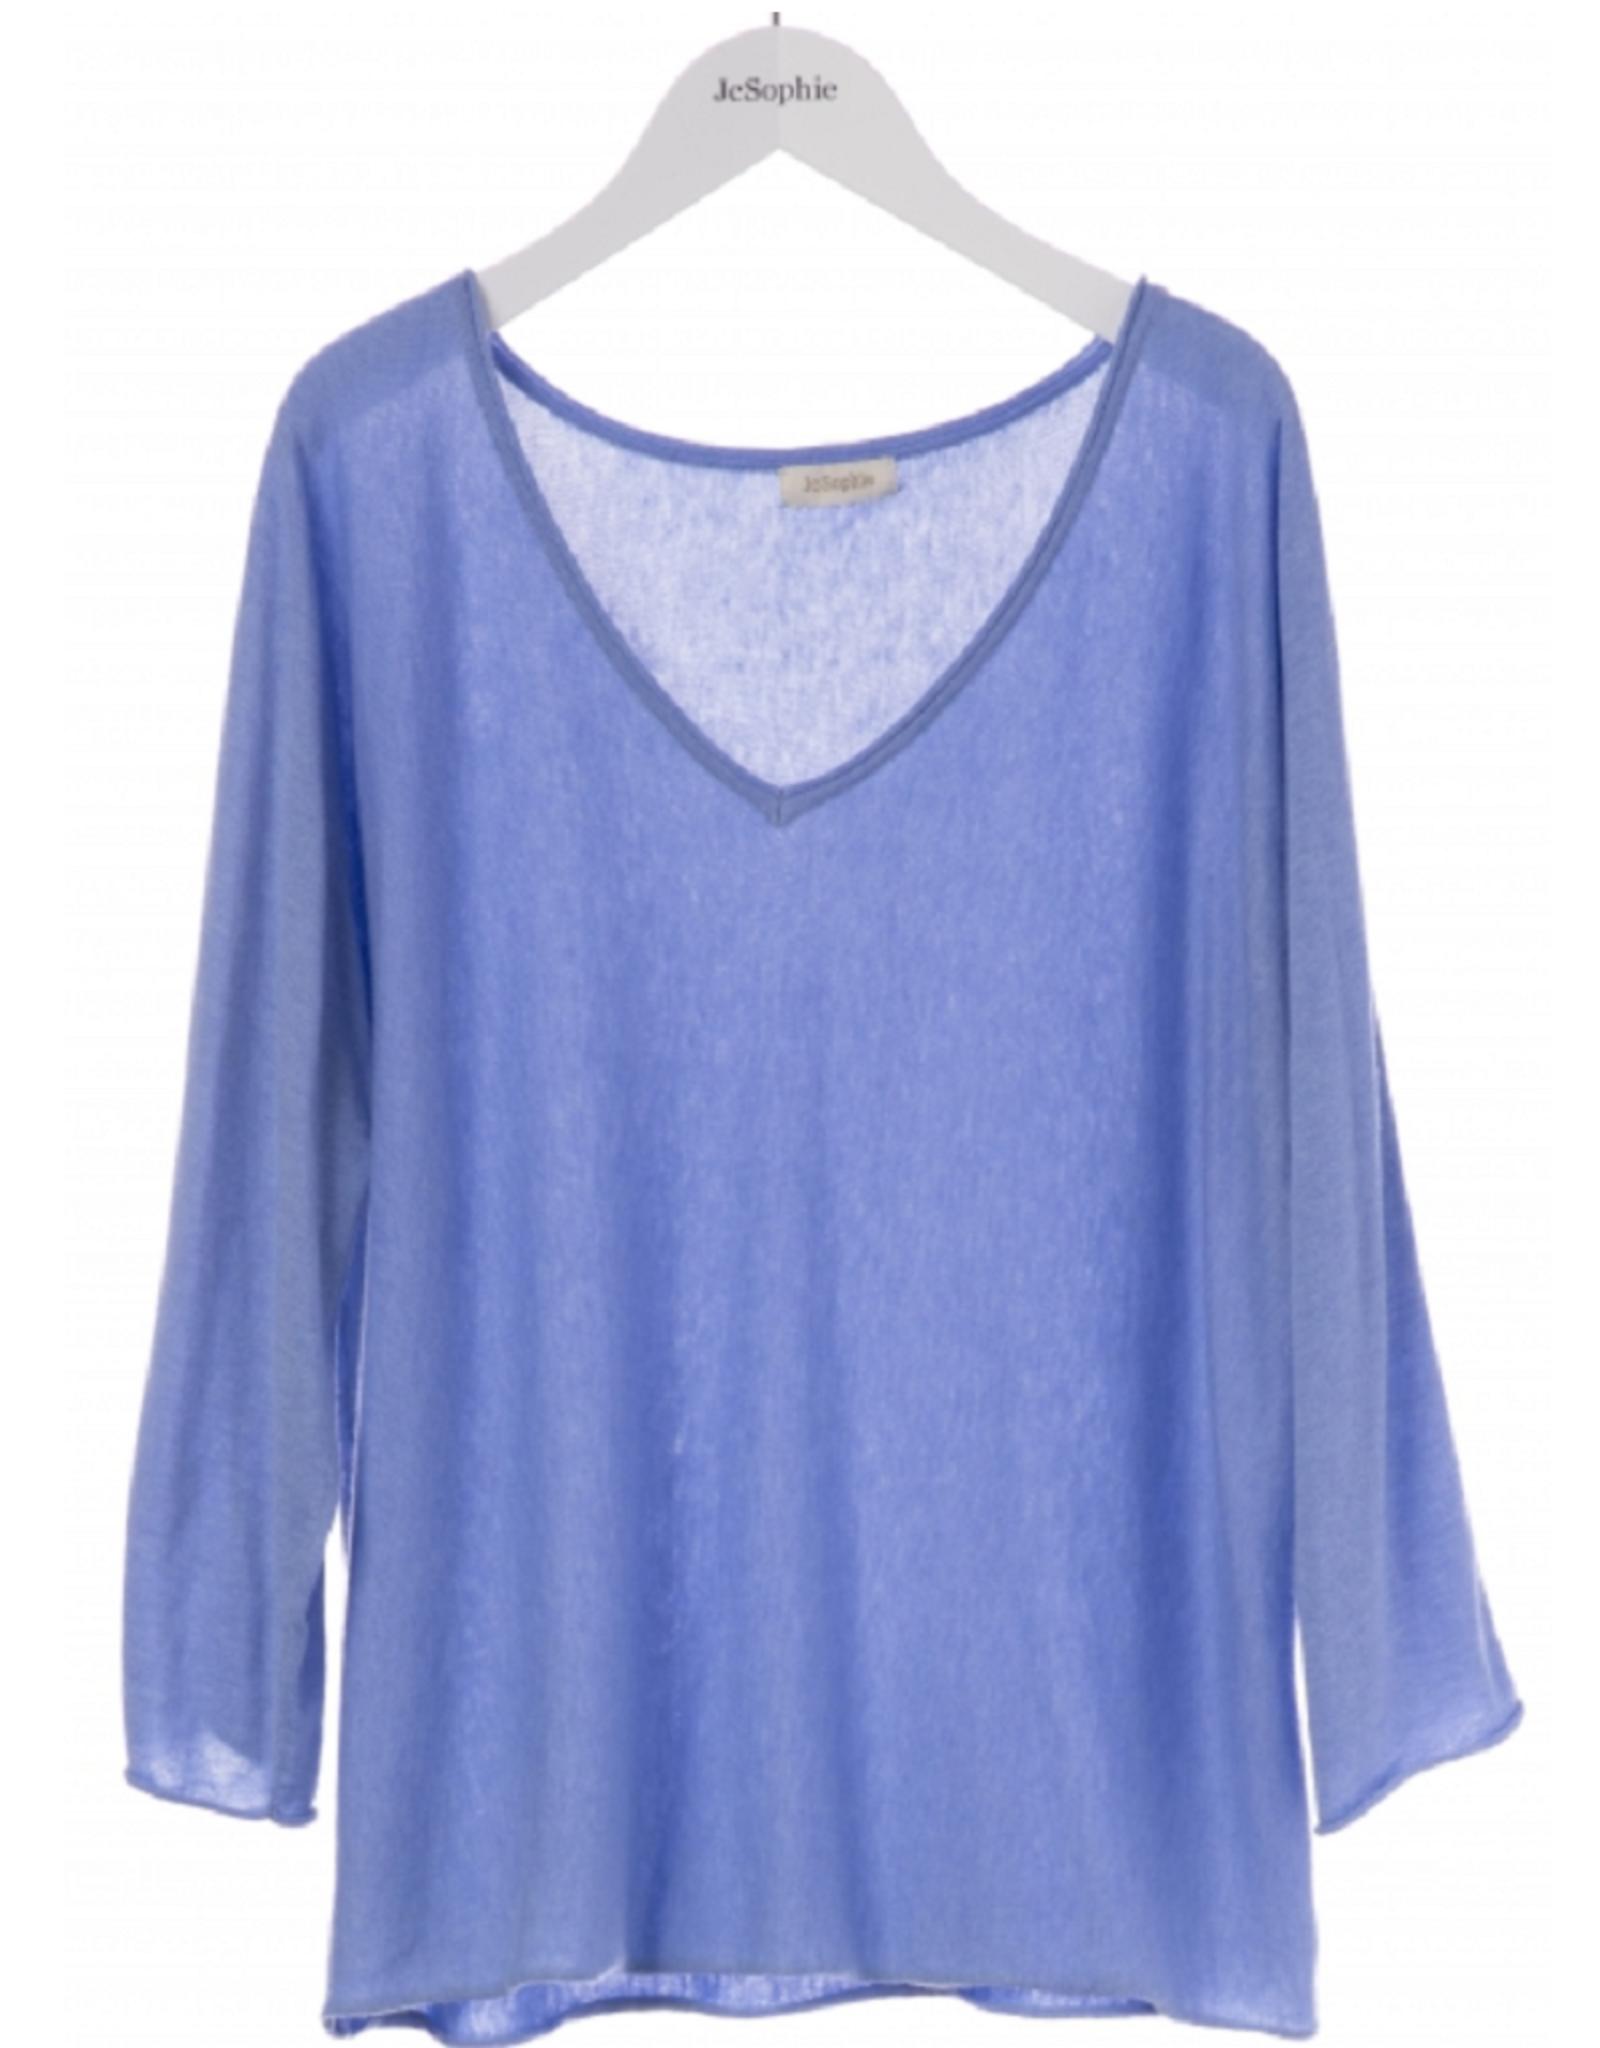 JcSophie JcSophie Ginger sweater Sky blue